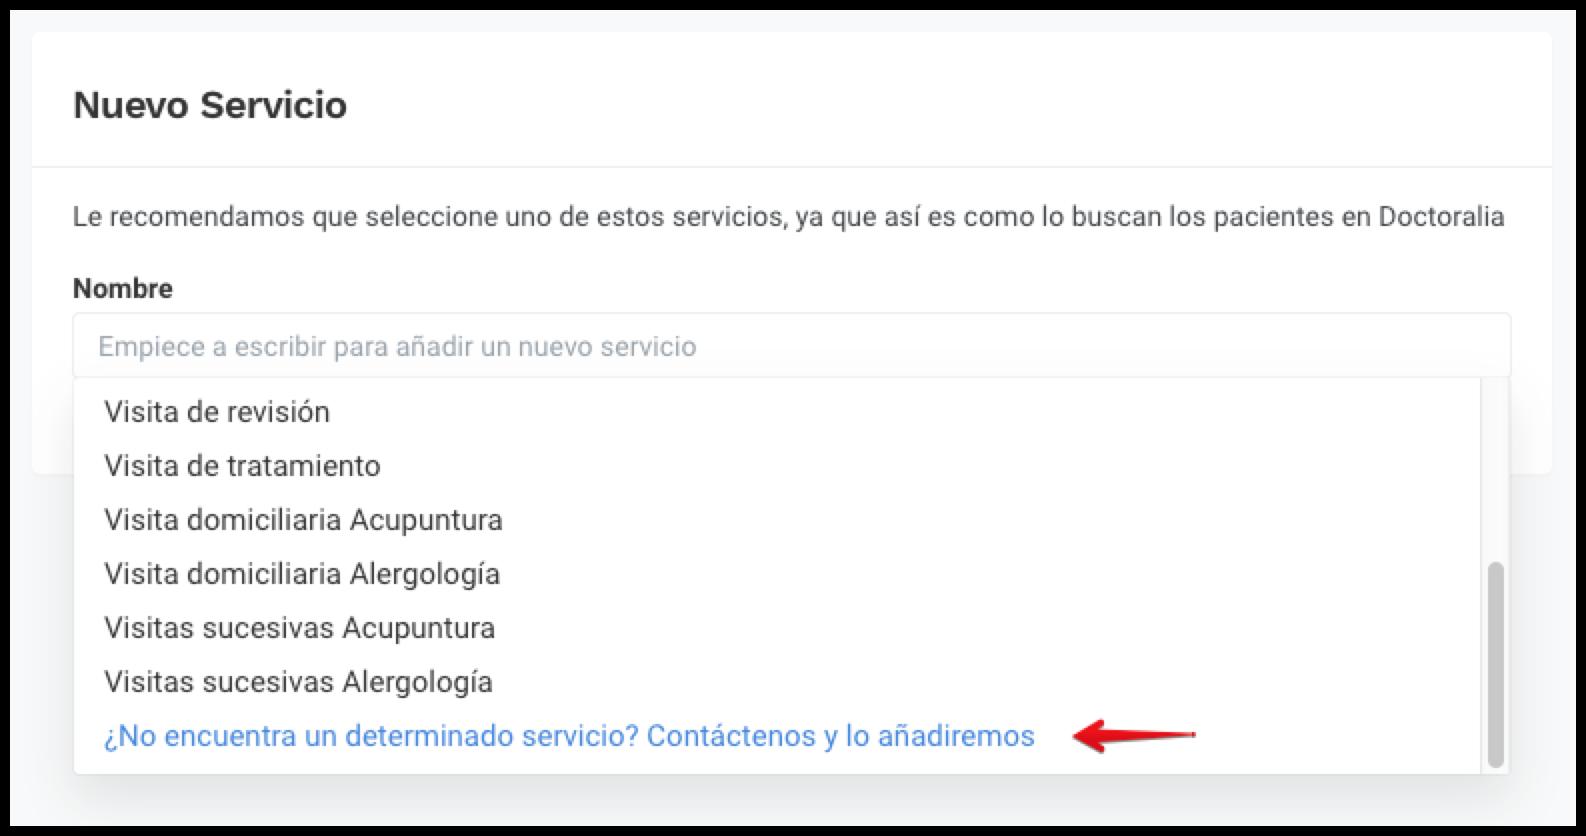 ES Nombre new service